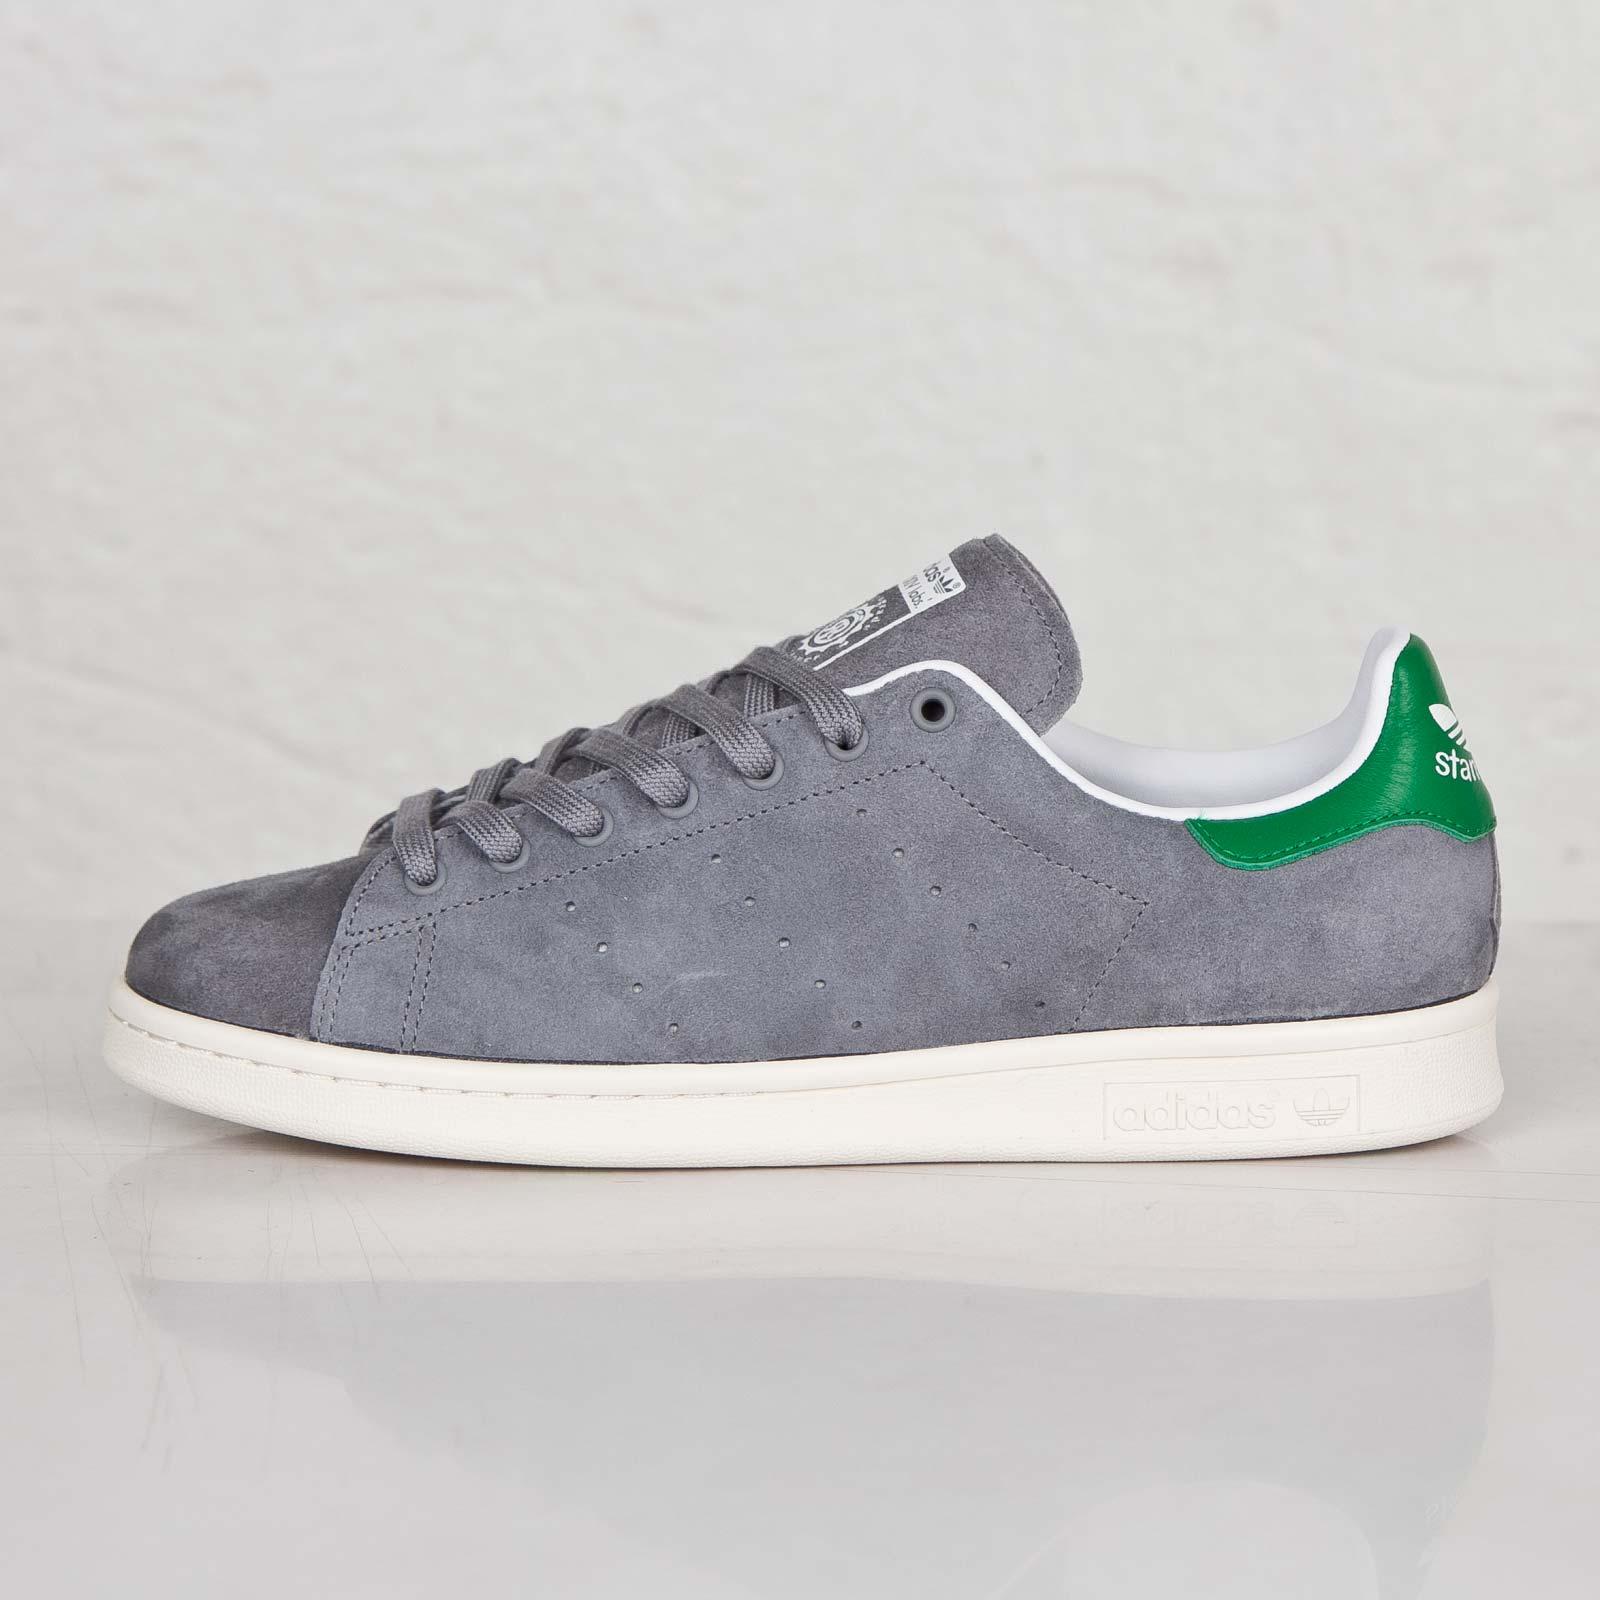 Adidas stan smith 84 laboratorio b26091 scarpe da ginnasticanstuff scarpe